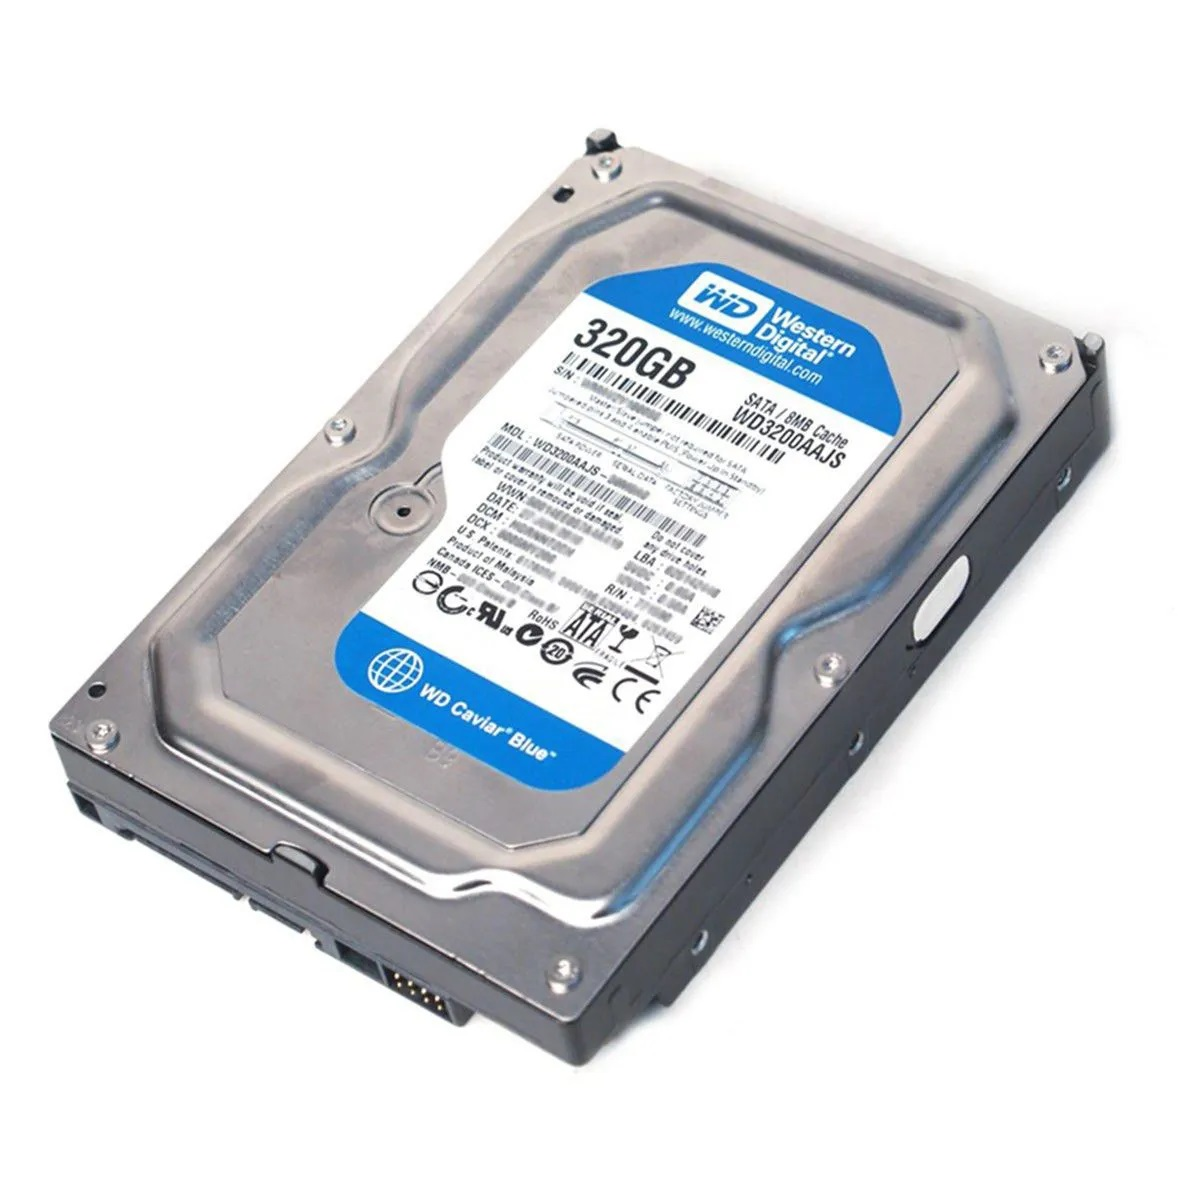 """HD Western Digital 3.5"""" 320GB Sata II 3.0 GB/s 7200 RPM 8 Cache WD3200AAJS  - Districomp Distribuidora"""